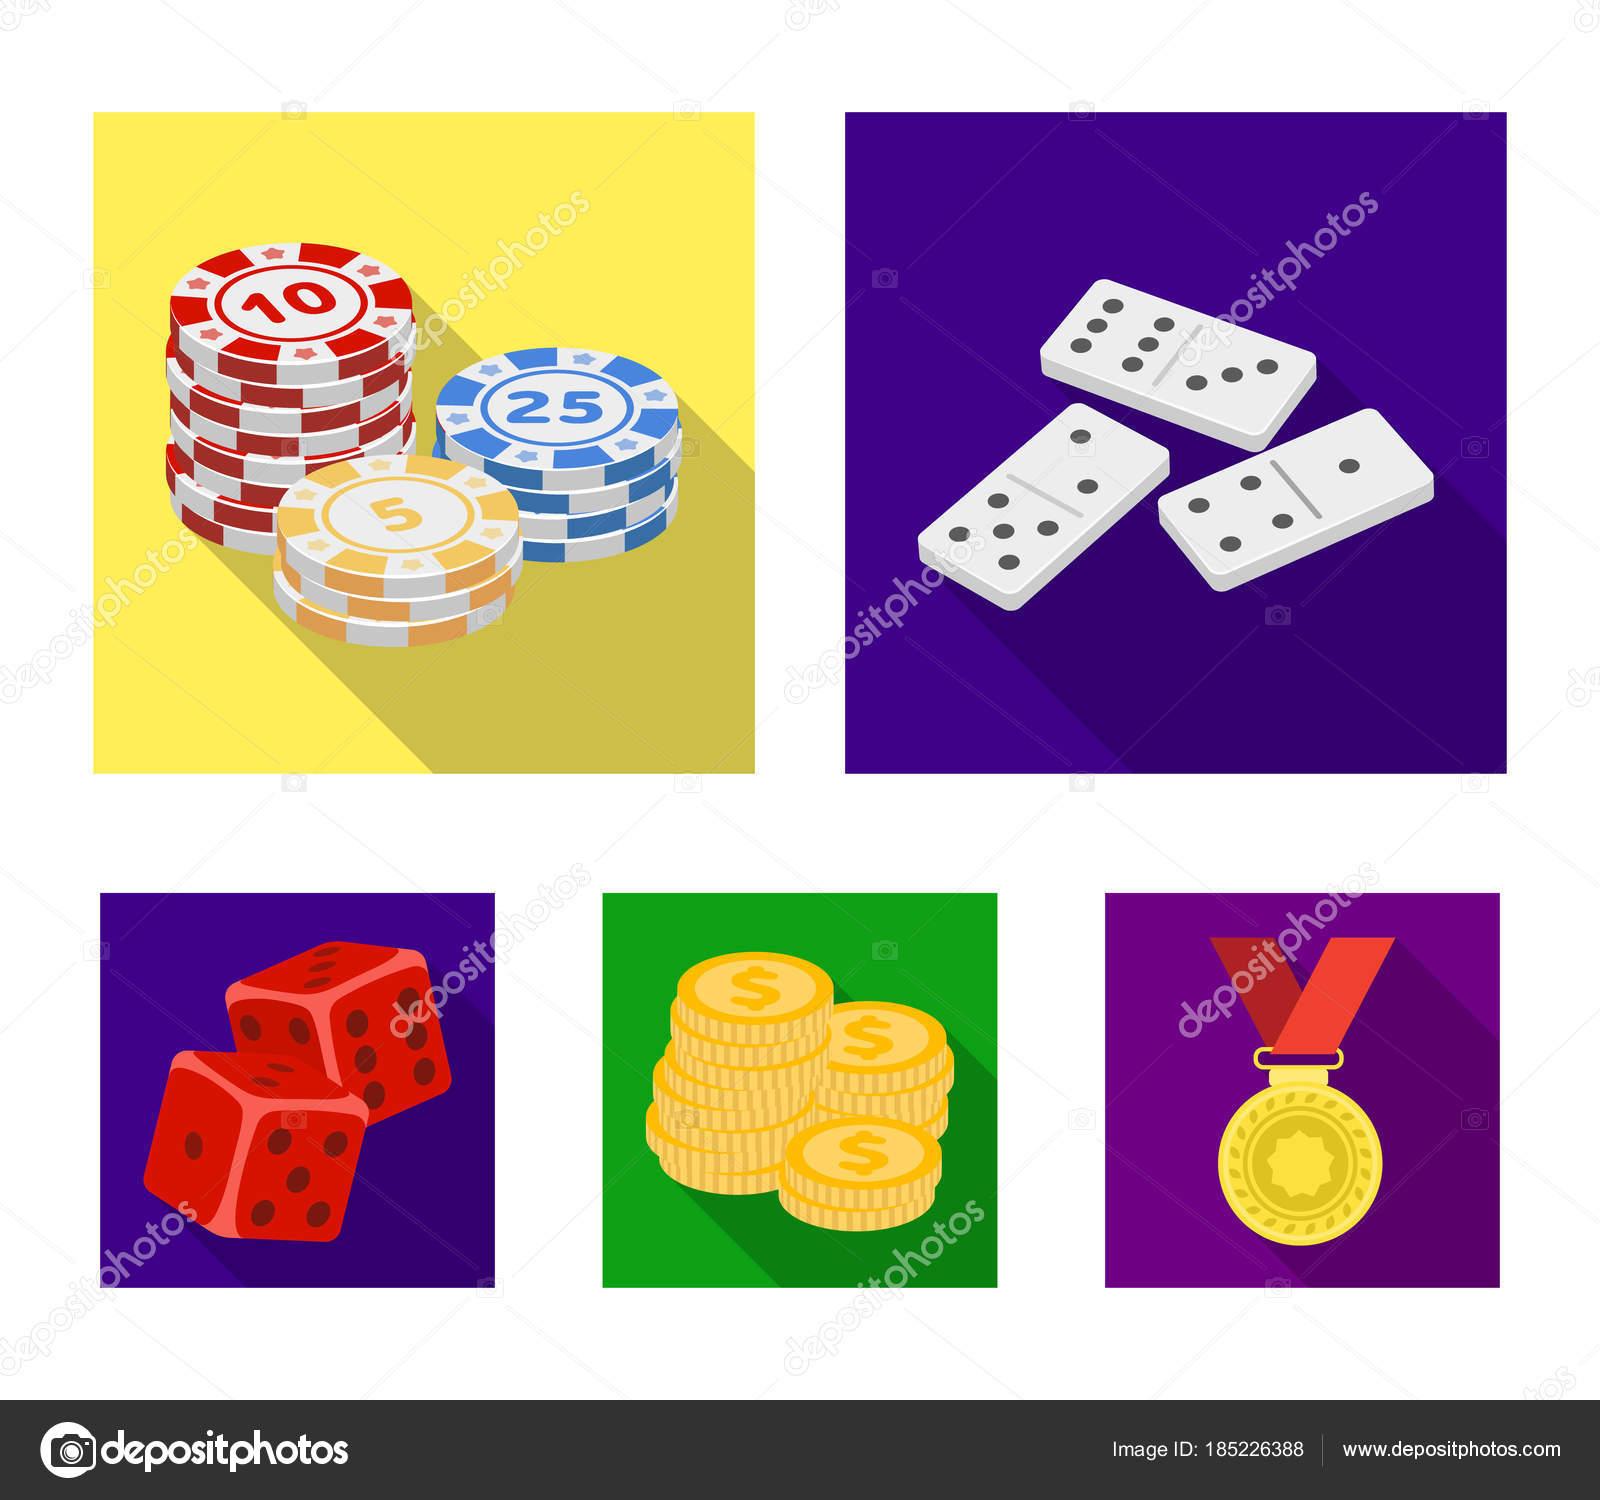 aa460737077 フラット スタイル ベクトル シンボル ストック イラスト web でカジノとギャンブルのセットのコレクション アイコン. — ベクター PandaVector